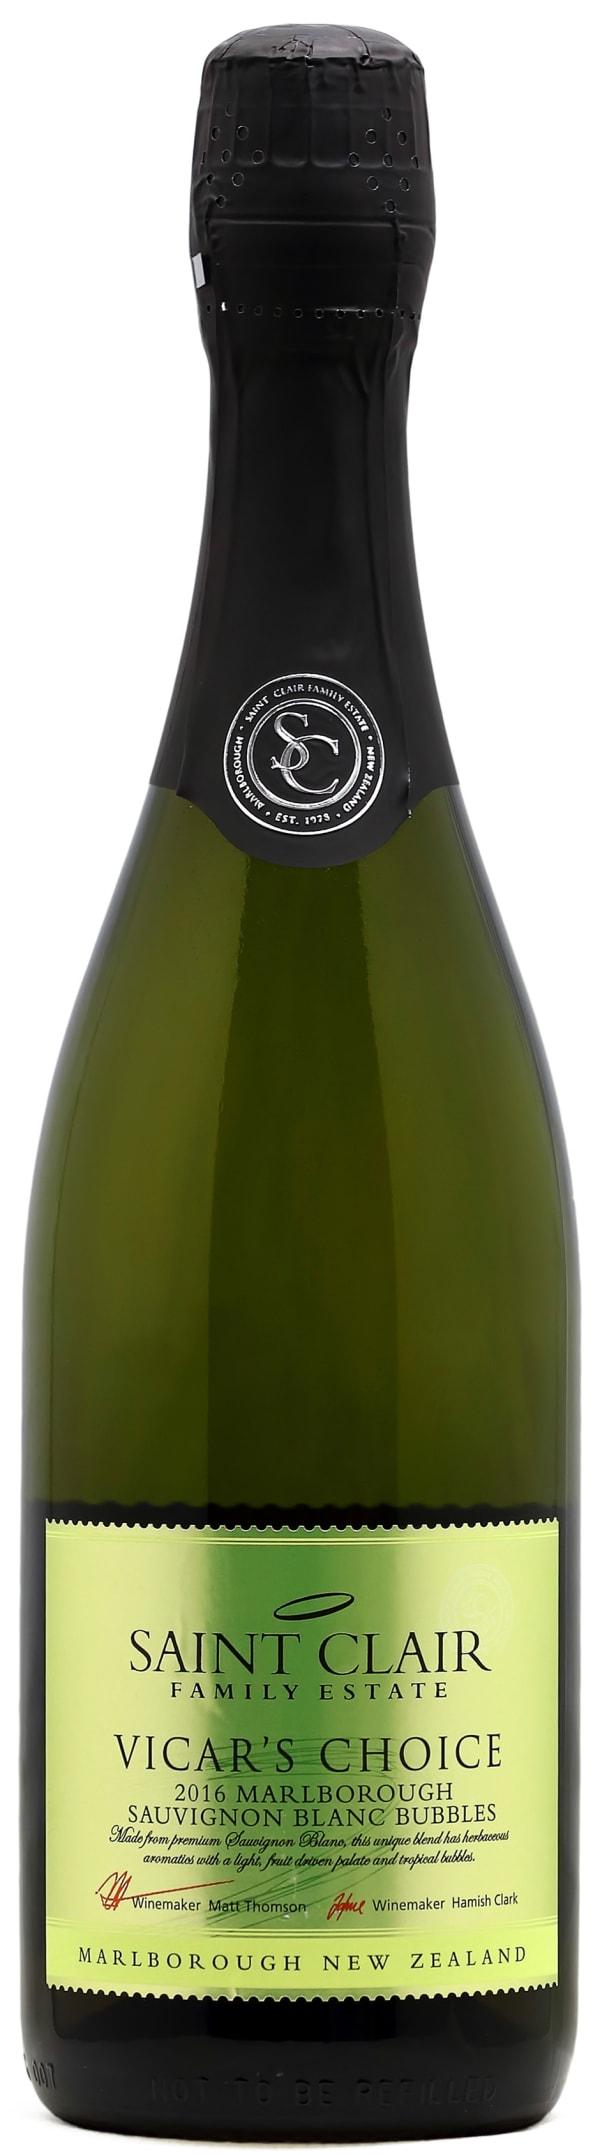 Saint Clair Vicar's Choice Sauvignon Blanc Bubbles Brut 2018